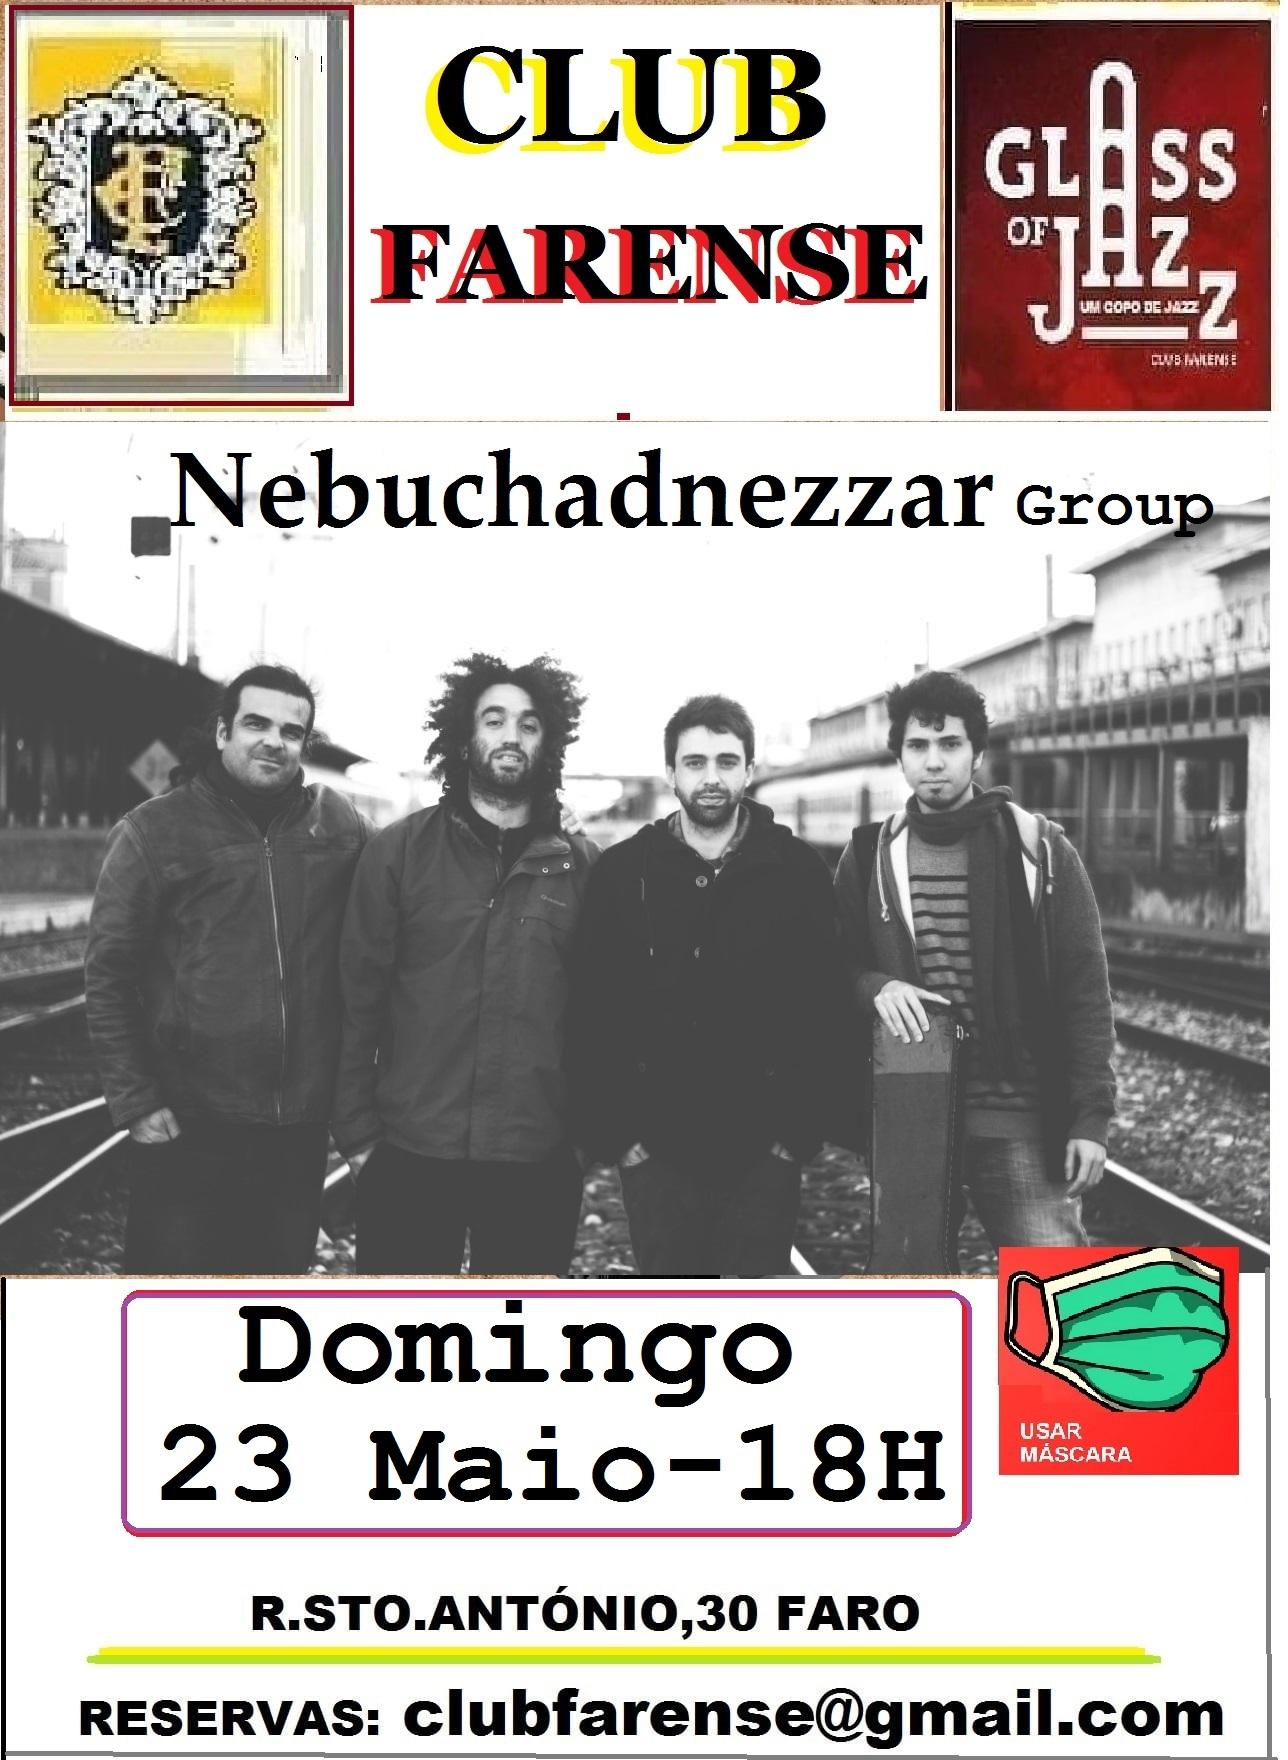 Nebuchadnezzar Group - Glass of Jazz